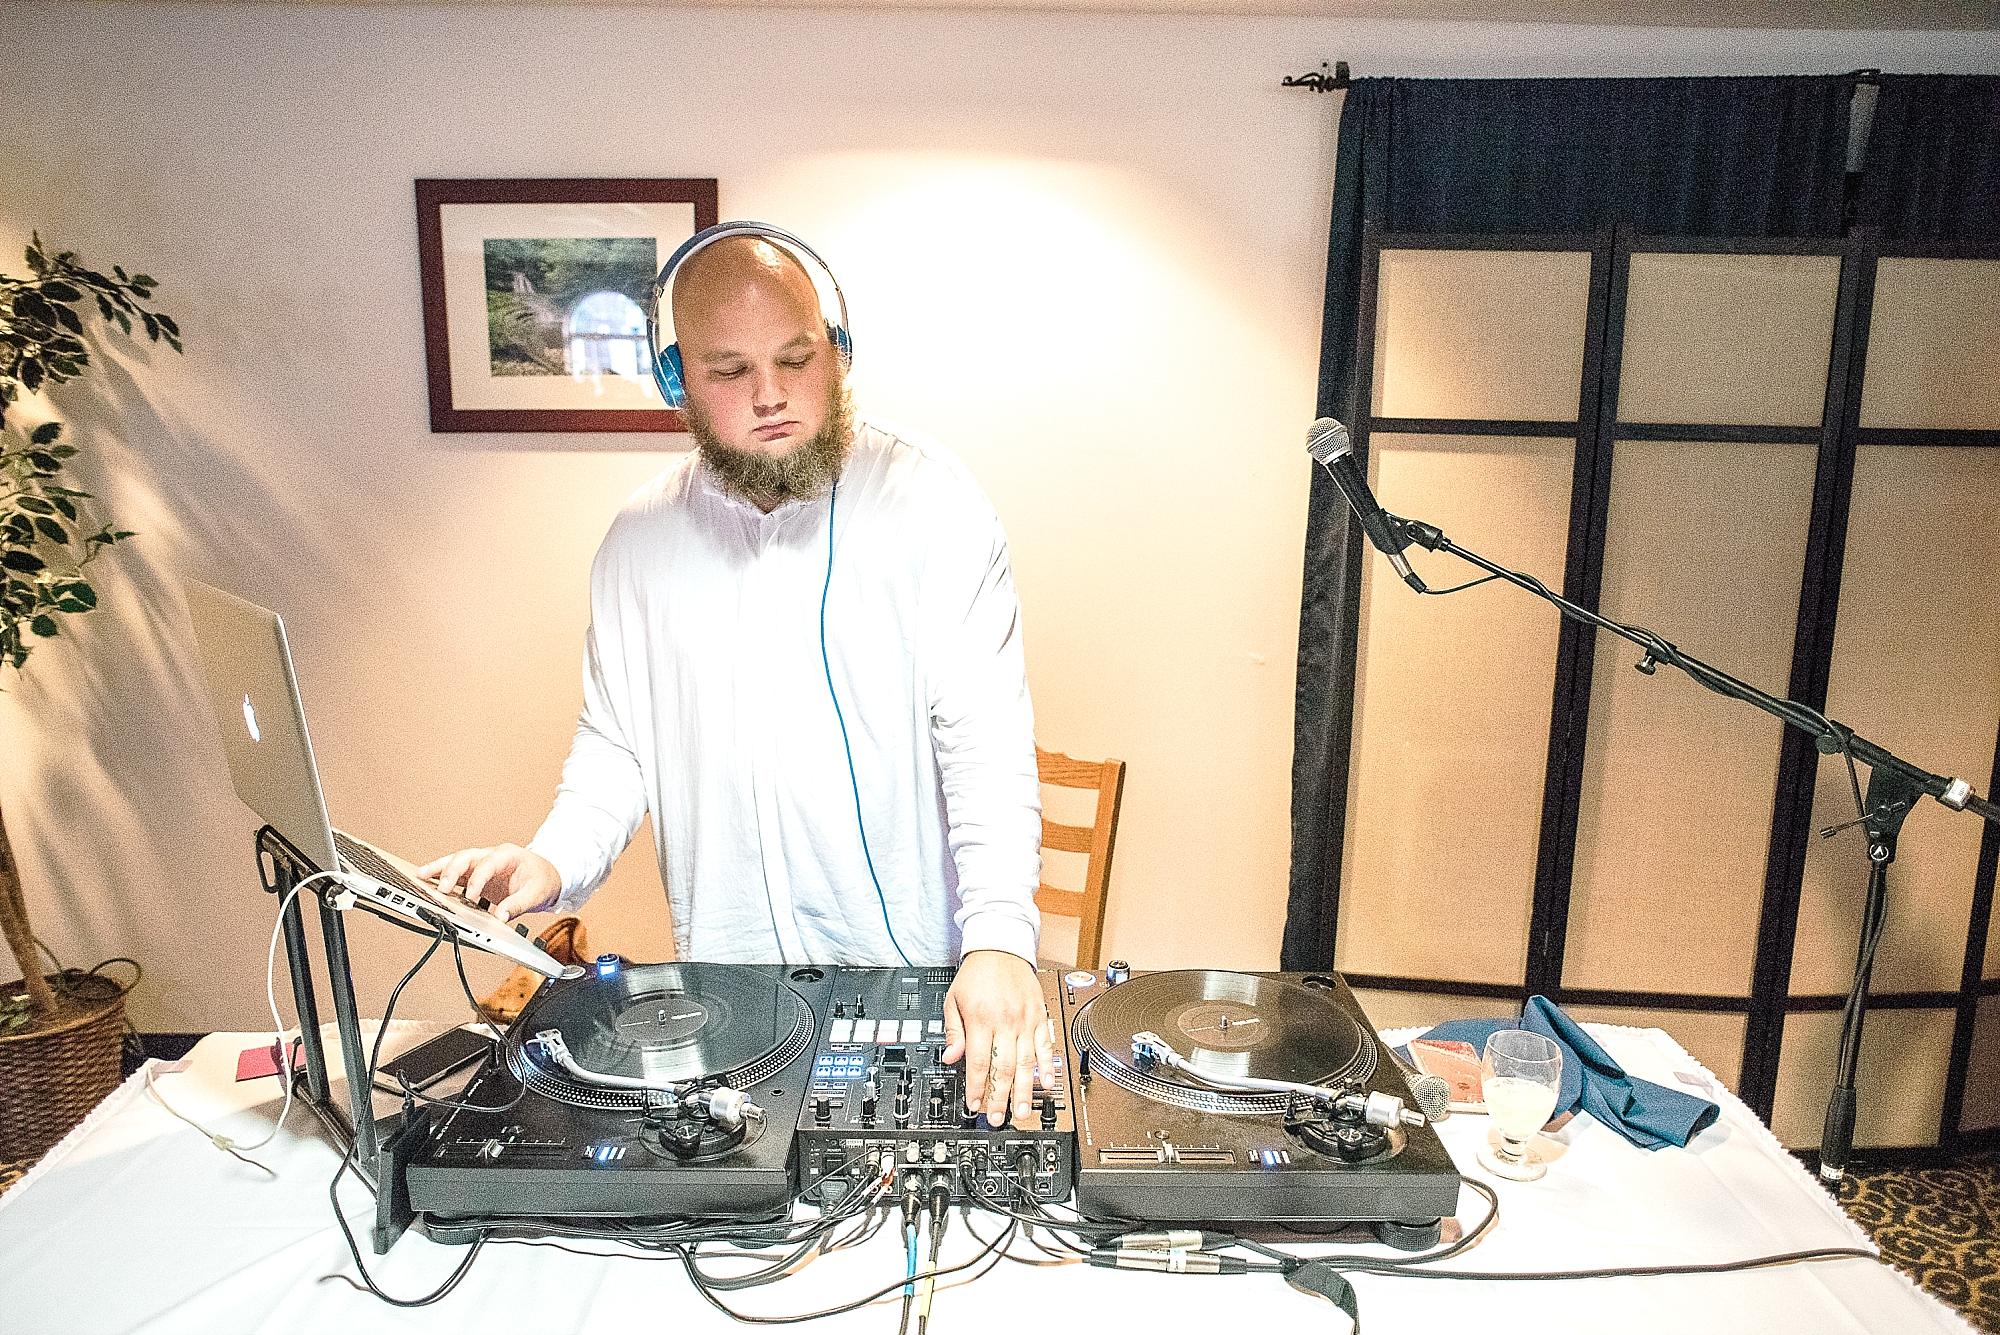 DJ WarrenPEACE was amazing!